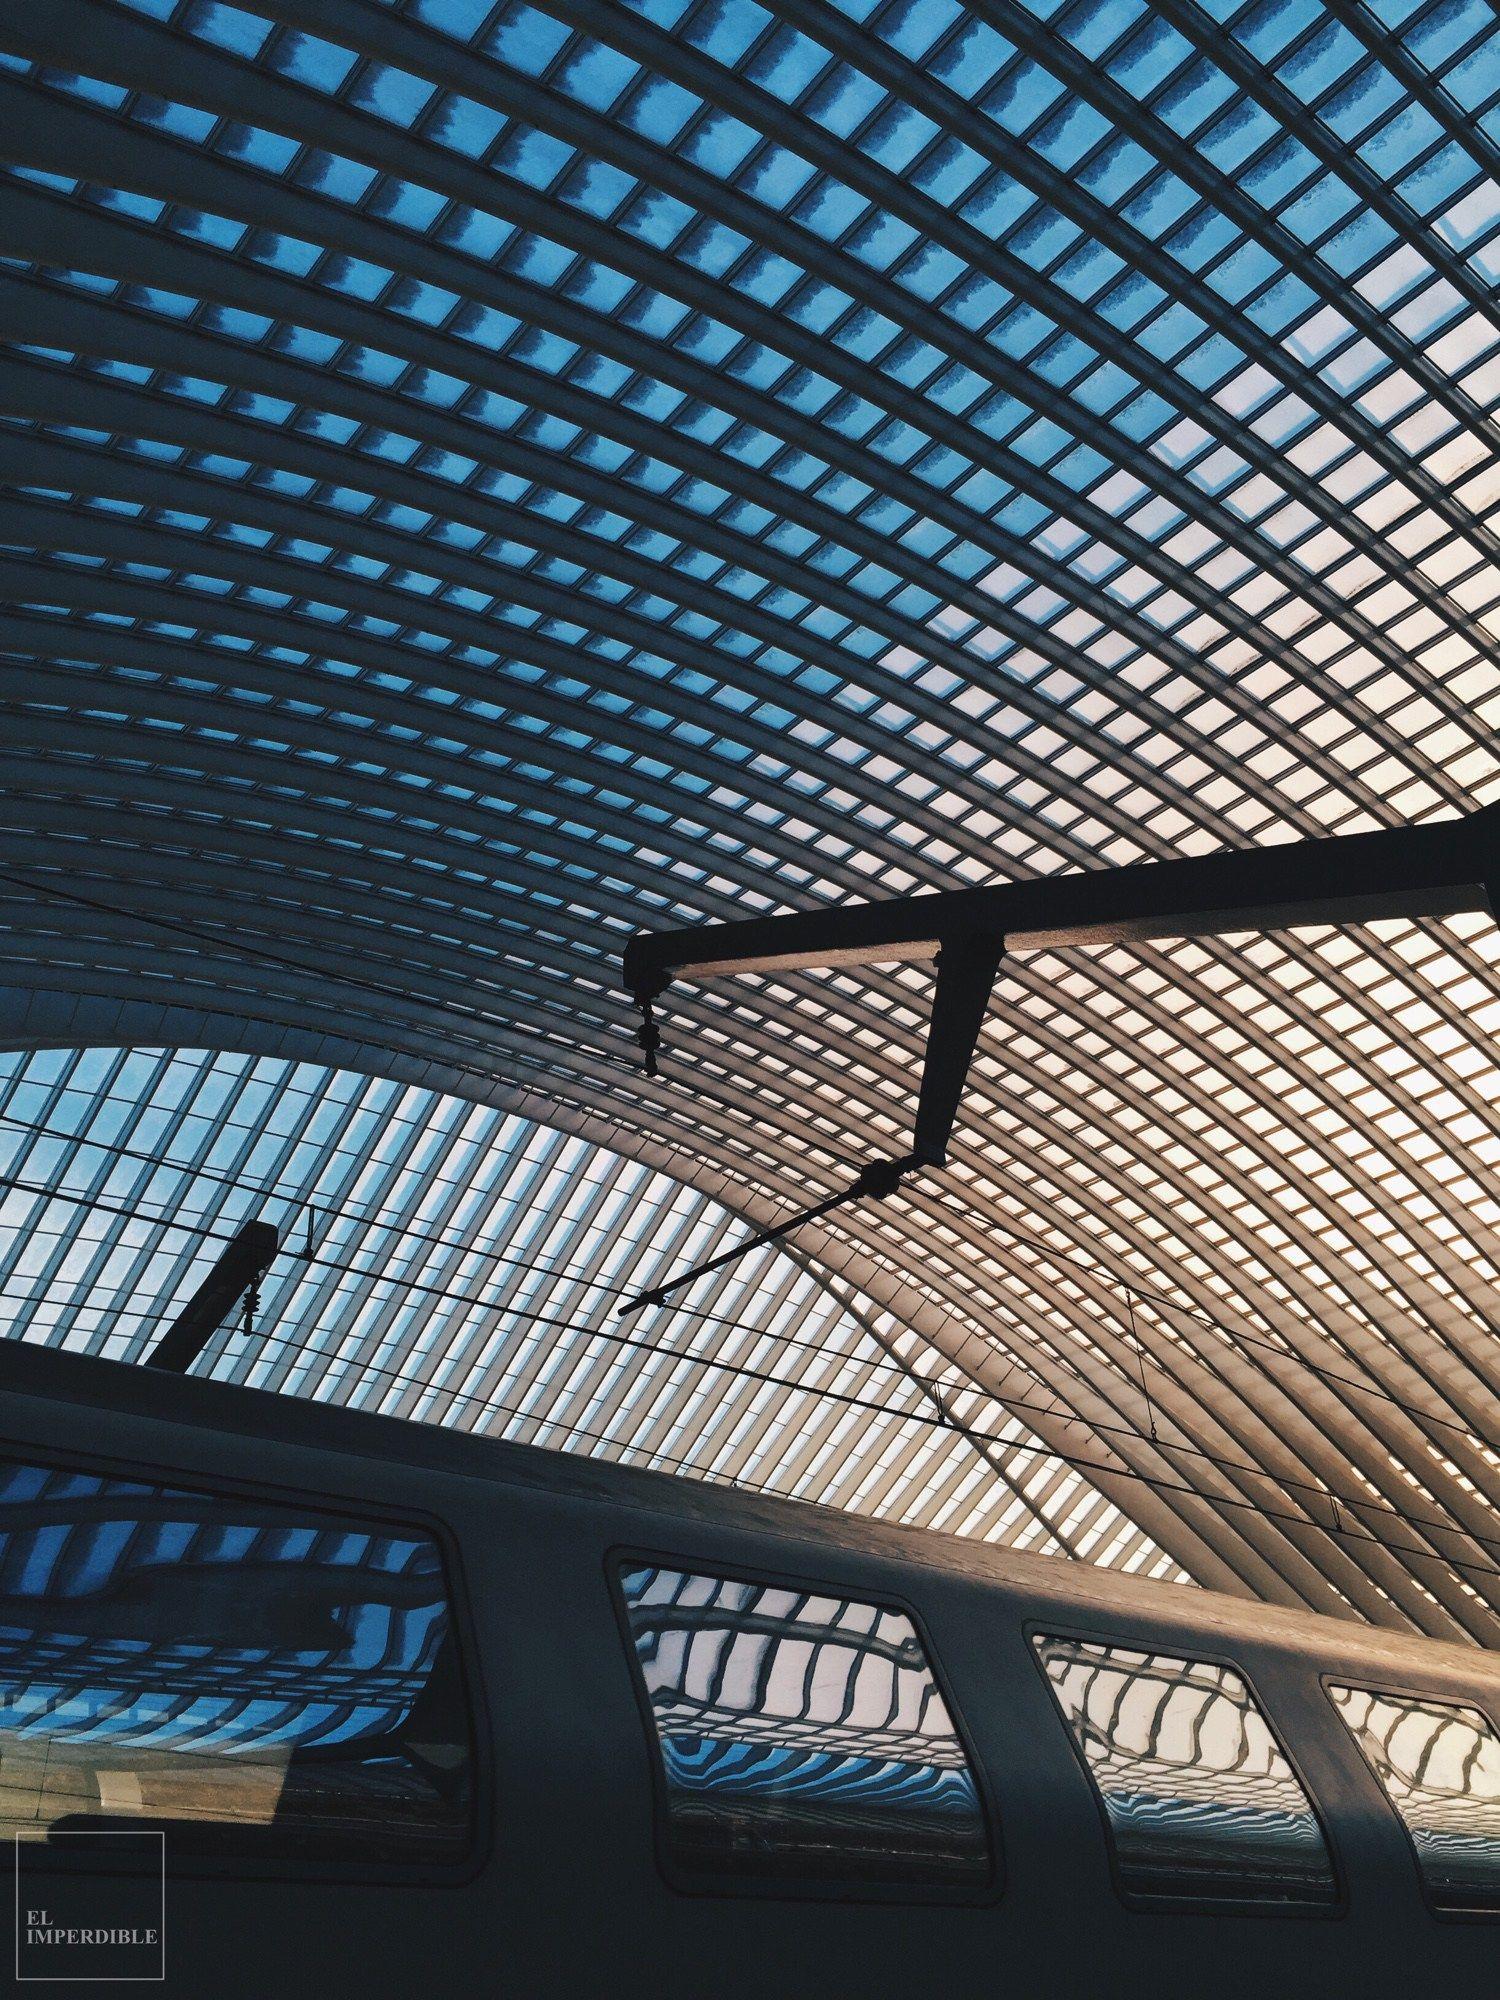 La estación de tren de Lieja, diseñada por Calatrava, es una obra monumental. Foto por Asier G. Morato